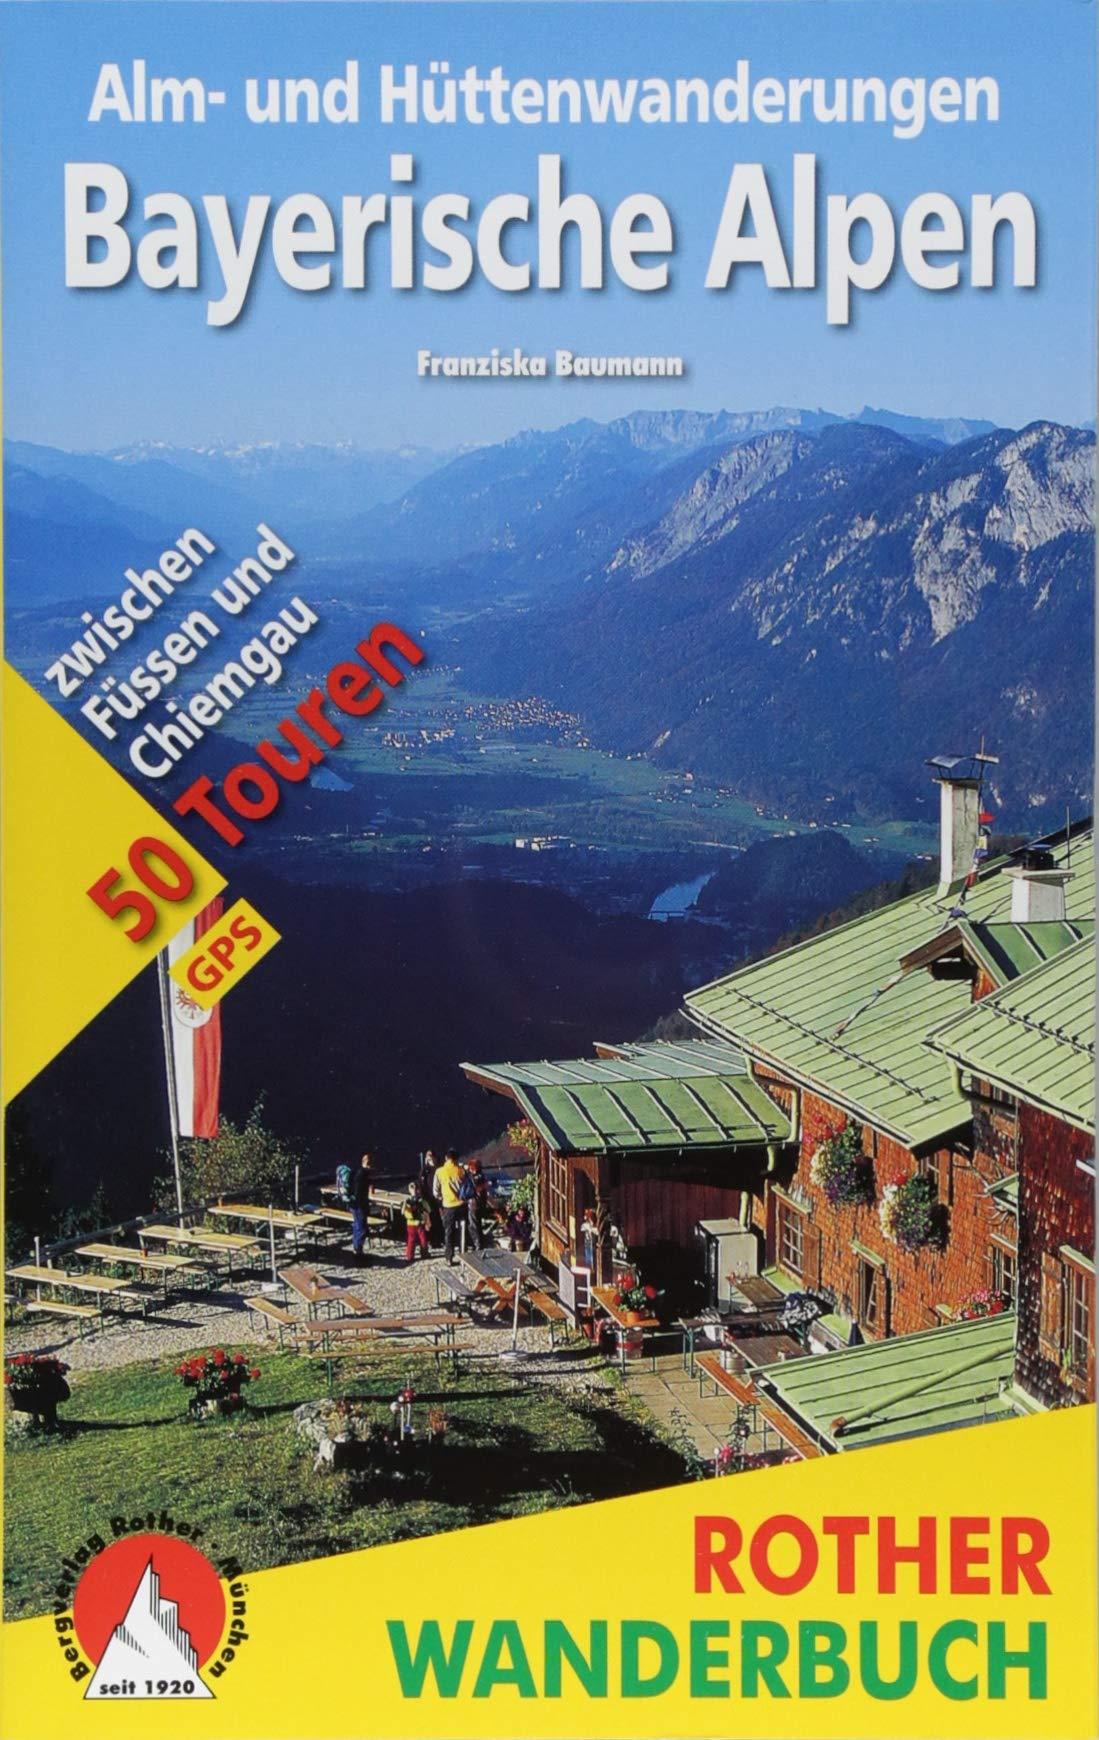 Bayerische Alpen 9783763330126  Bergverlag Rother Rother Wanderbuch  Wandelgidsen Beierse Alpen